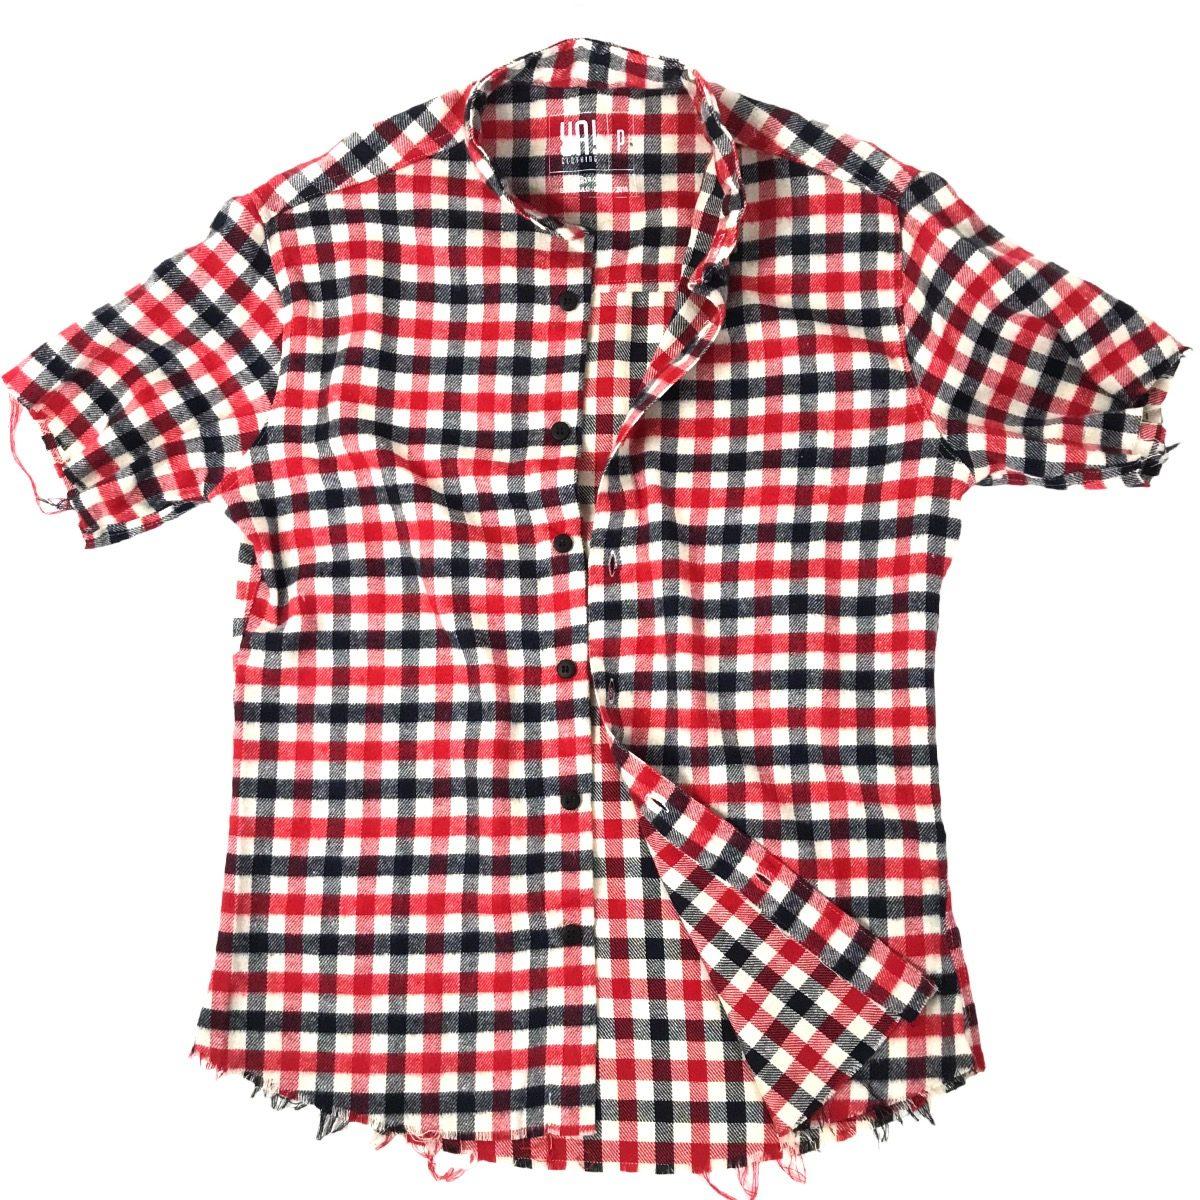 camisa flanelada vermelha - manga curta. Carregando zoom. 5b631d2d1edbf